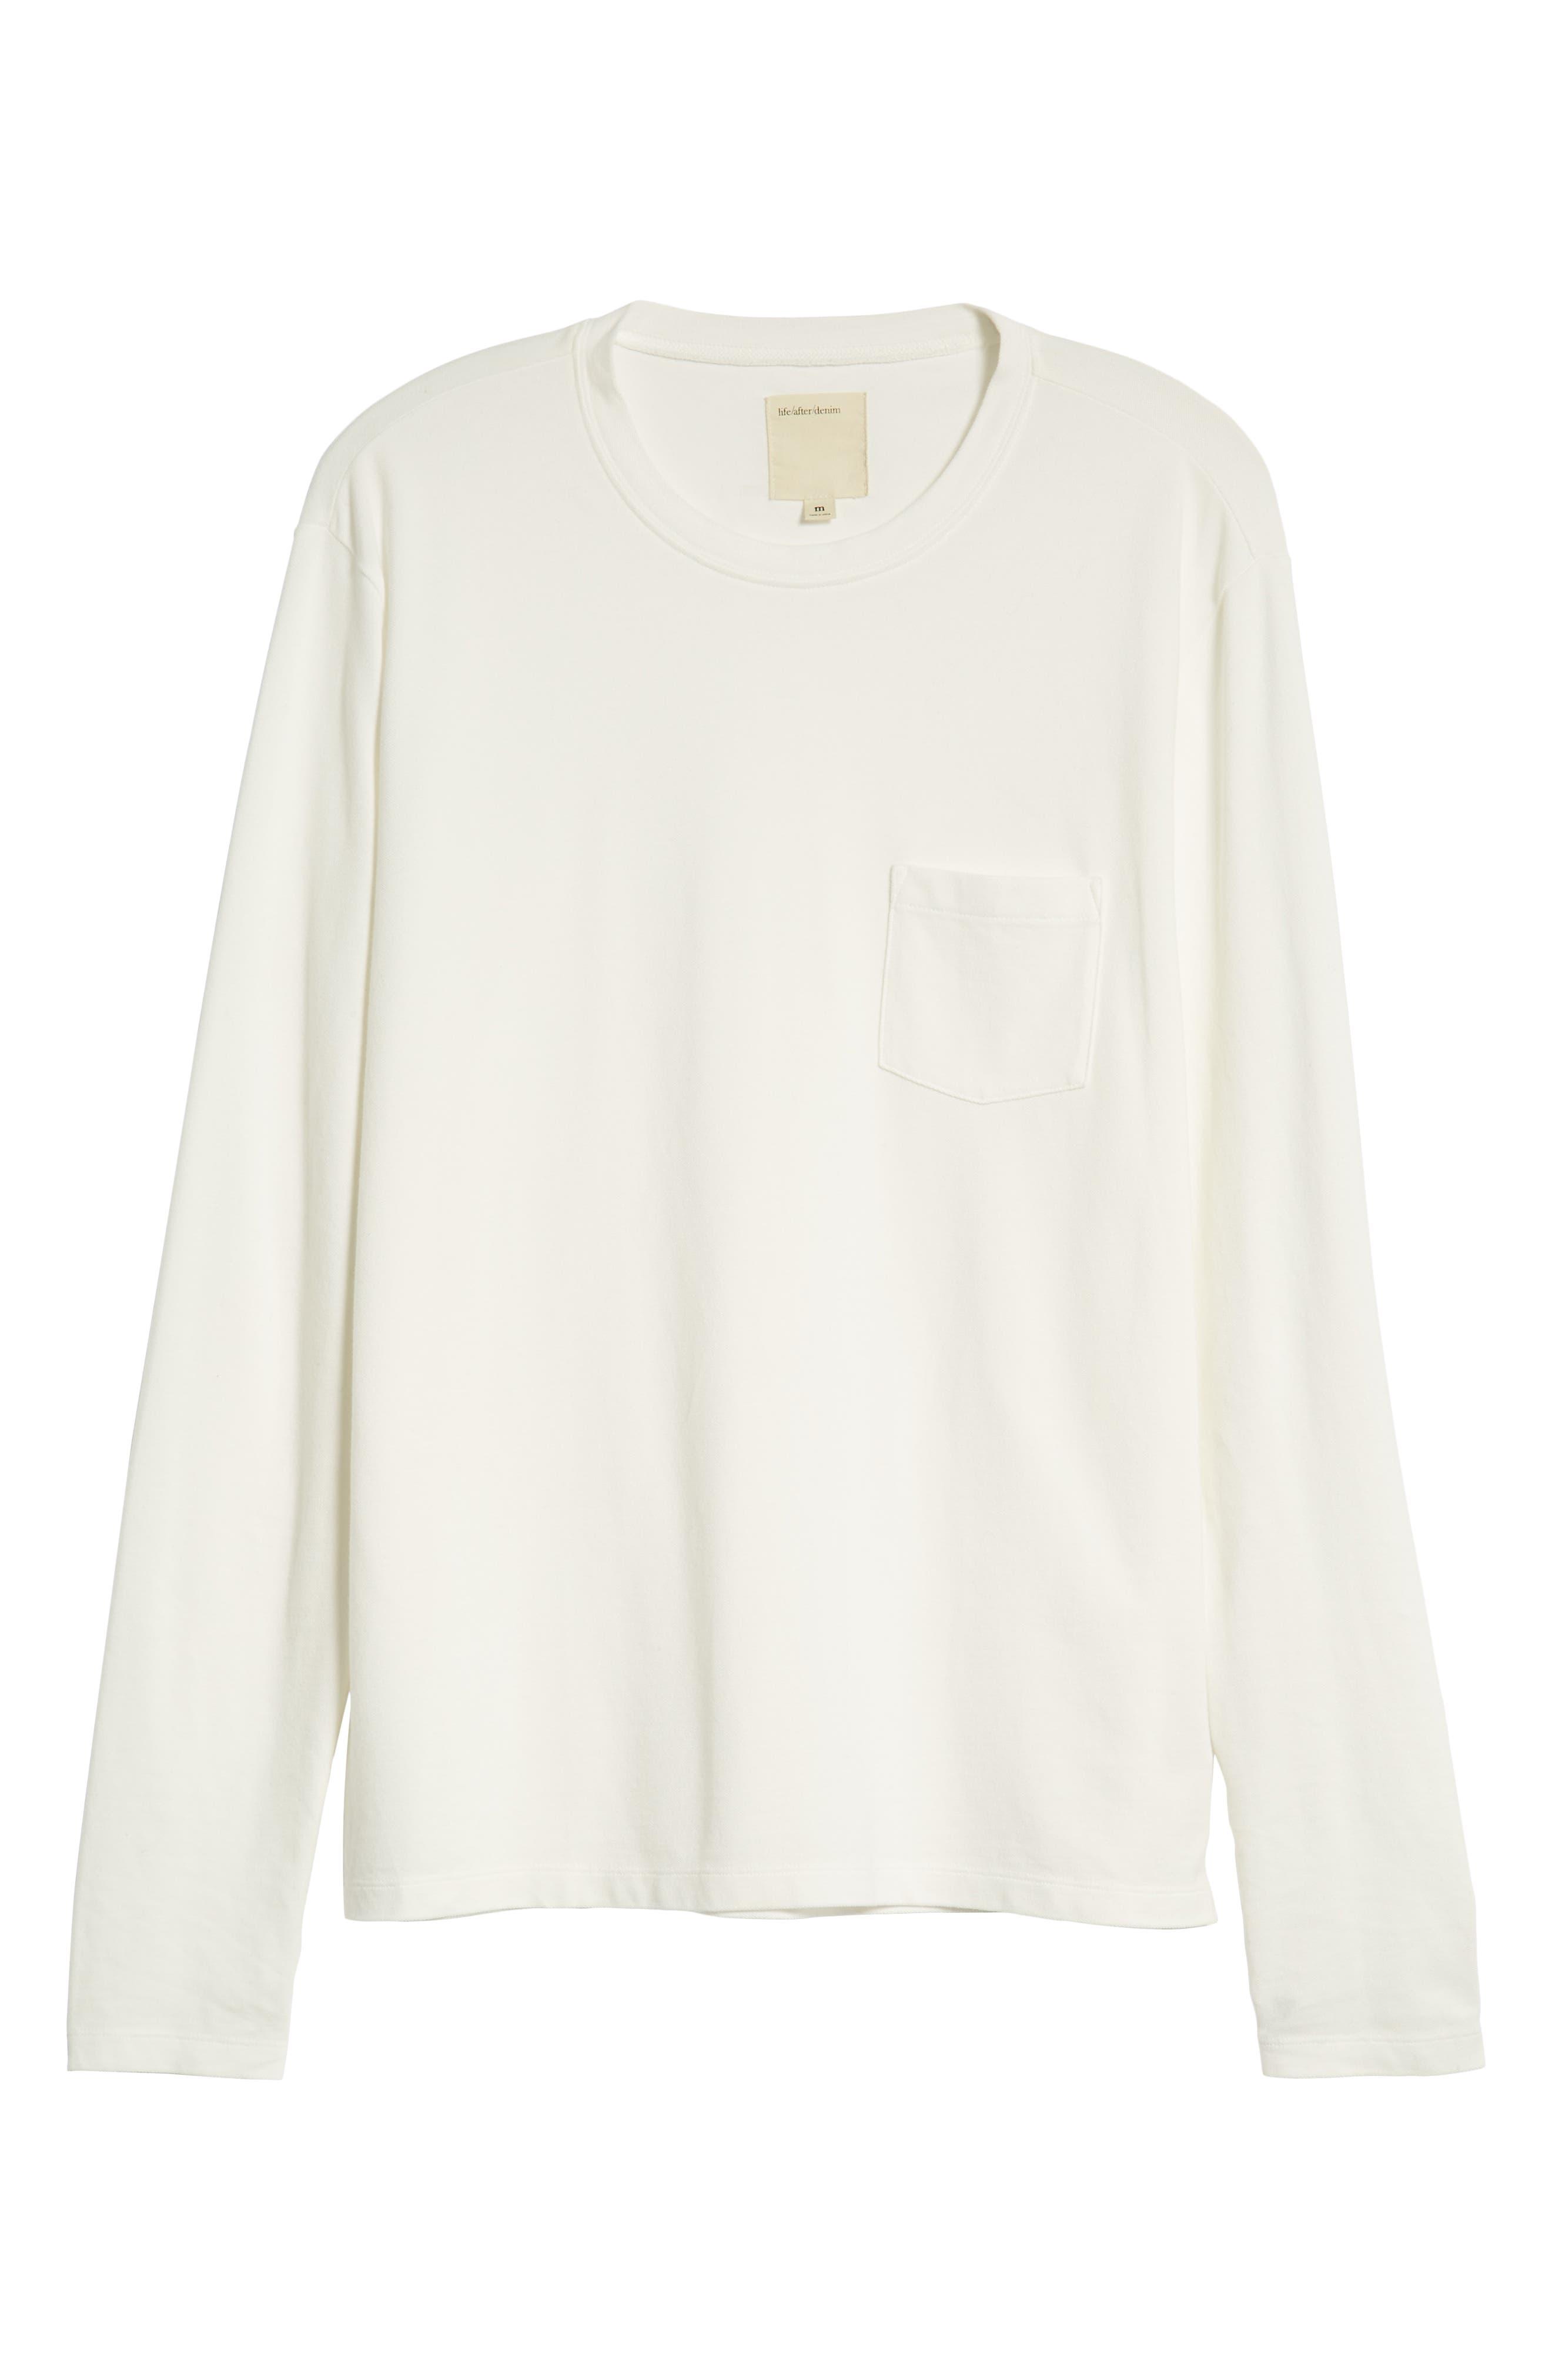 Piqua Pocket T-Shirt,                             Alternate thumbnail 6, color,                             WHITE